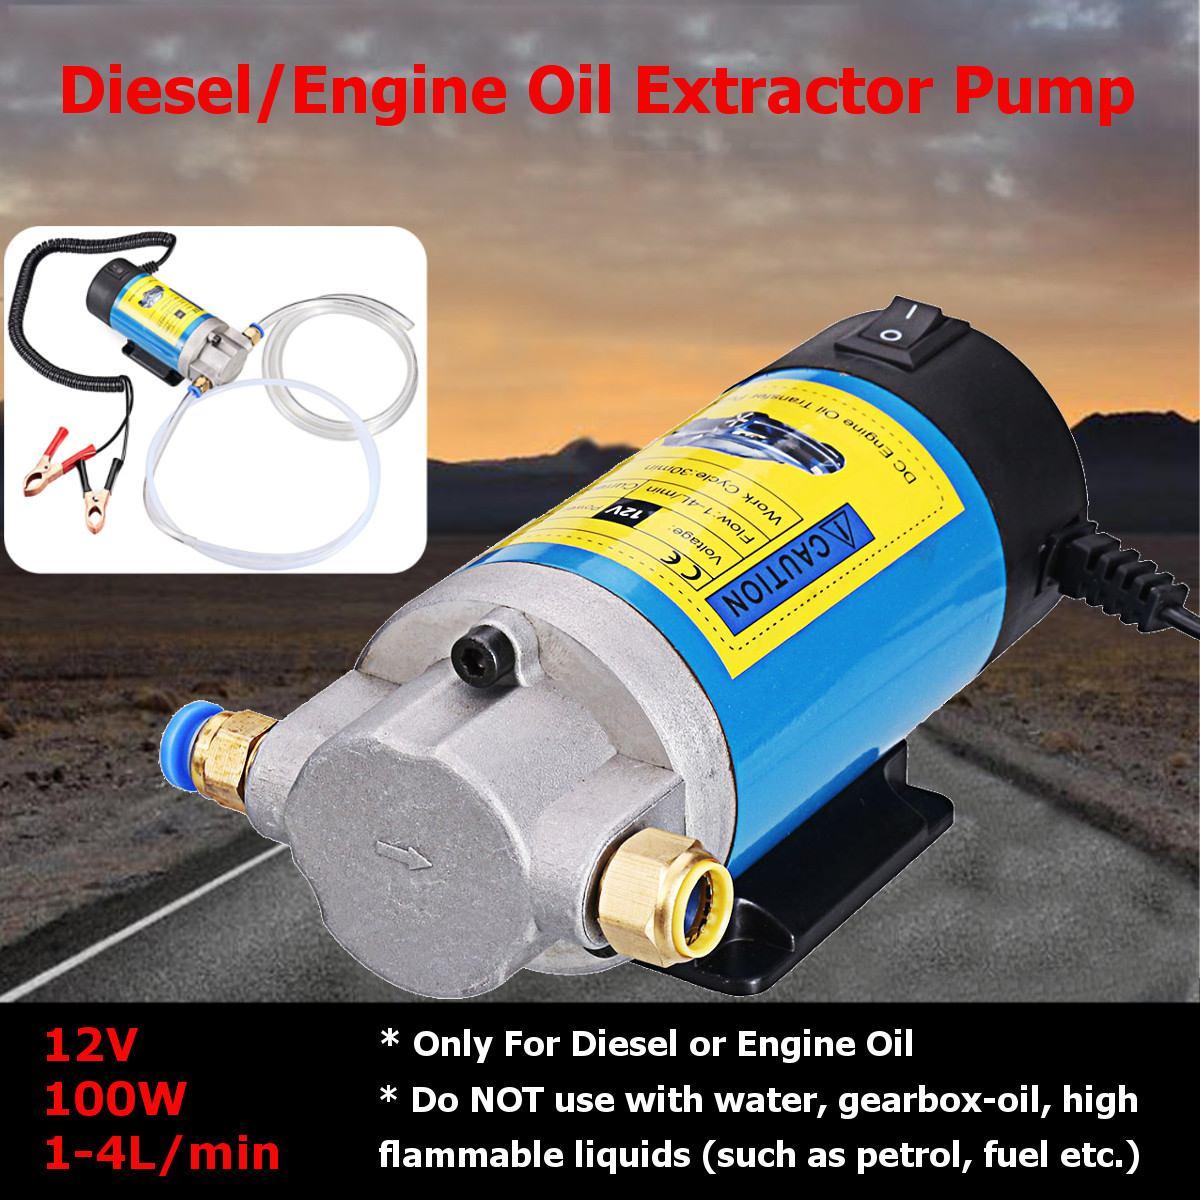 Pompe d'aspiration de transfert électrique d'extracteur de fluide de carburant Diesel d'huile 5A 12 V 100 W 1-4L/min